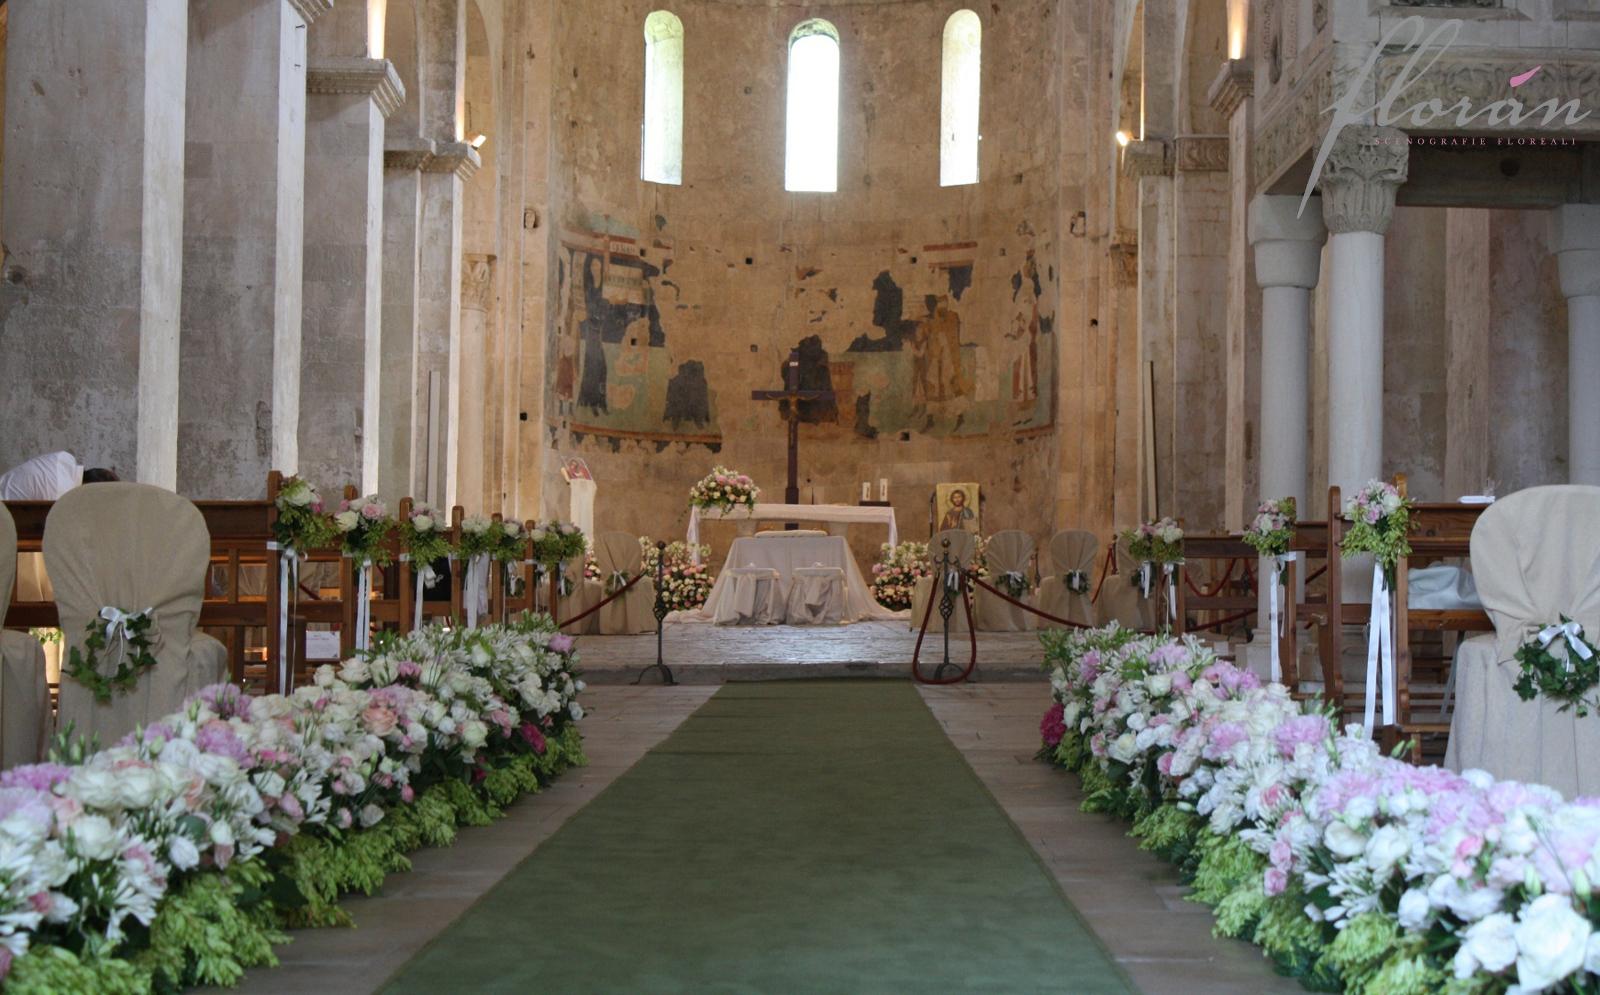 Matrimonio Natalizio Addobbi Chiesa : Addobbi chiesa matrimonio candele migliore collezione